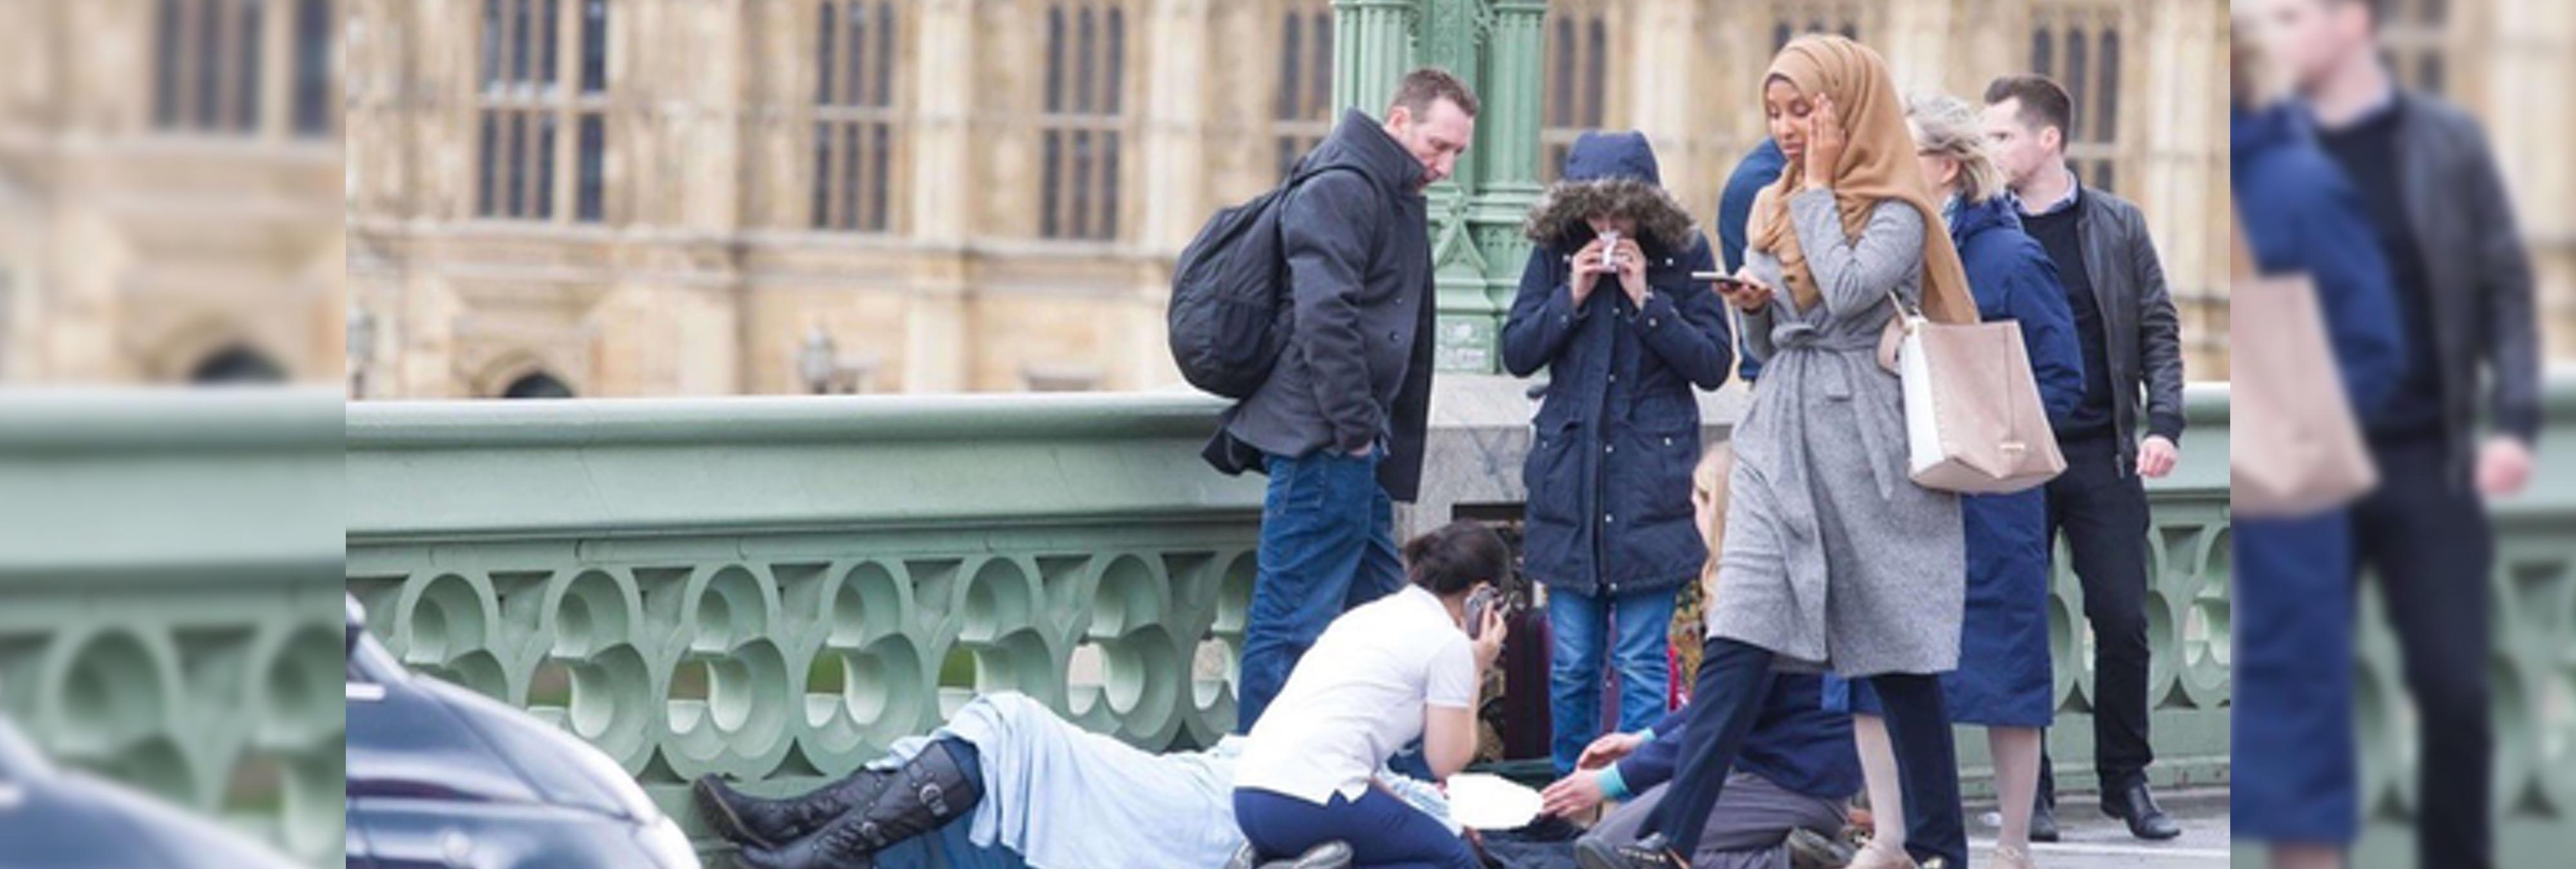 El racismo islamófobo que ha llevado a malinterpretar una fotografía del atentado de Londres